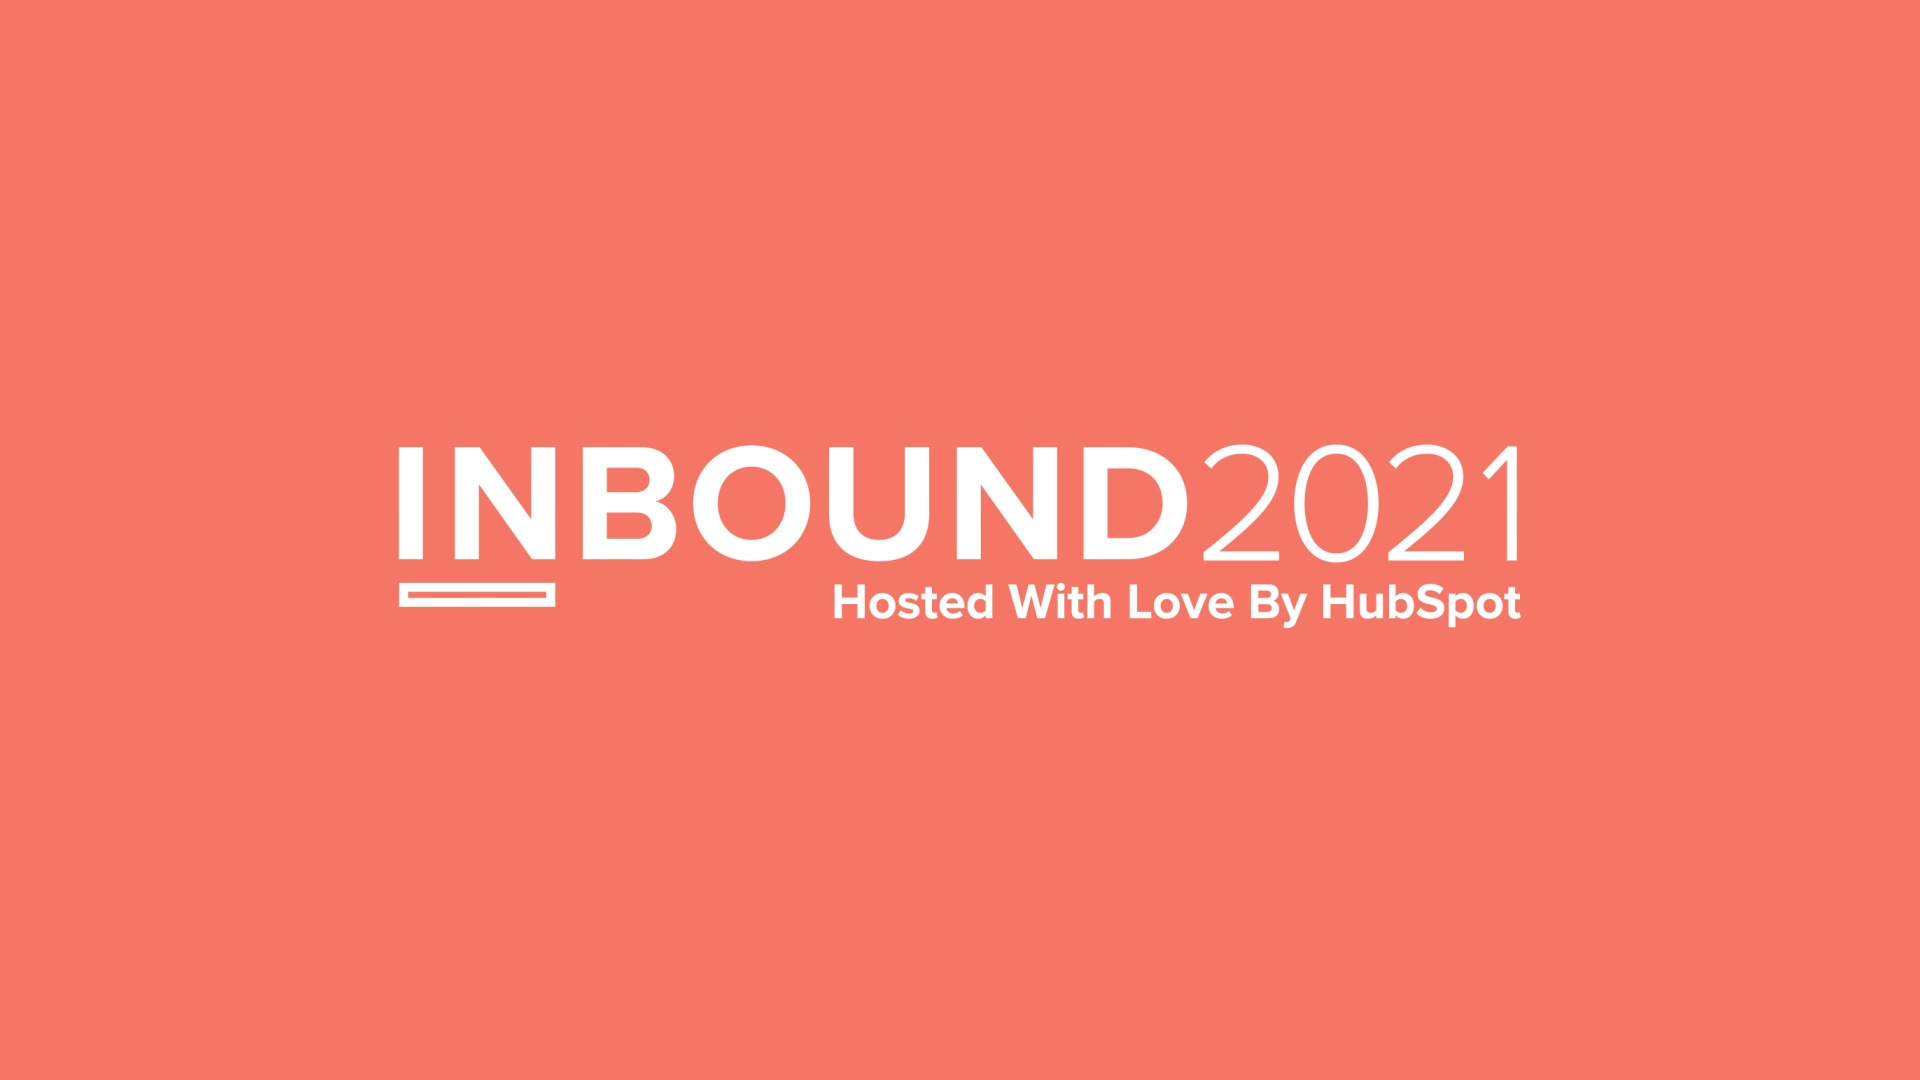 HUBSPOT_INBOUND2021_sizzle_REEL_v831a